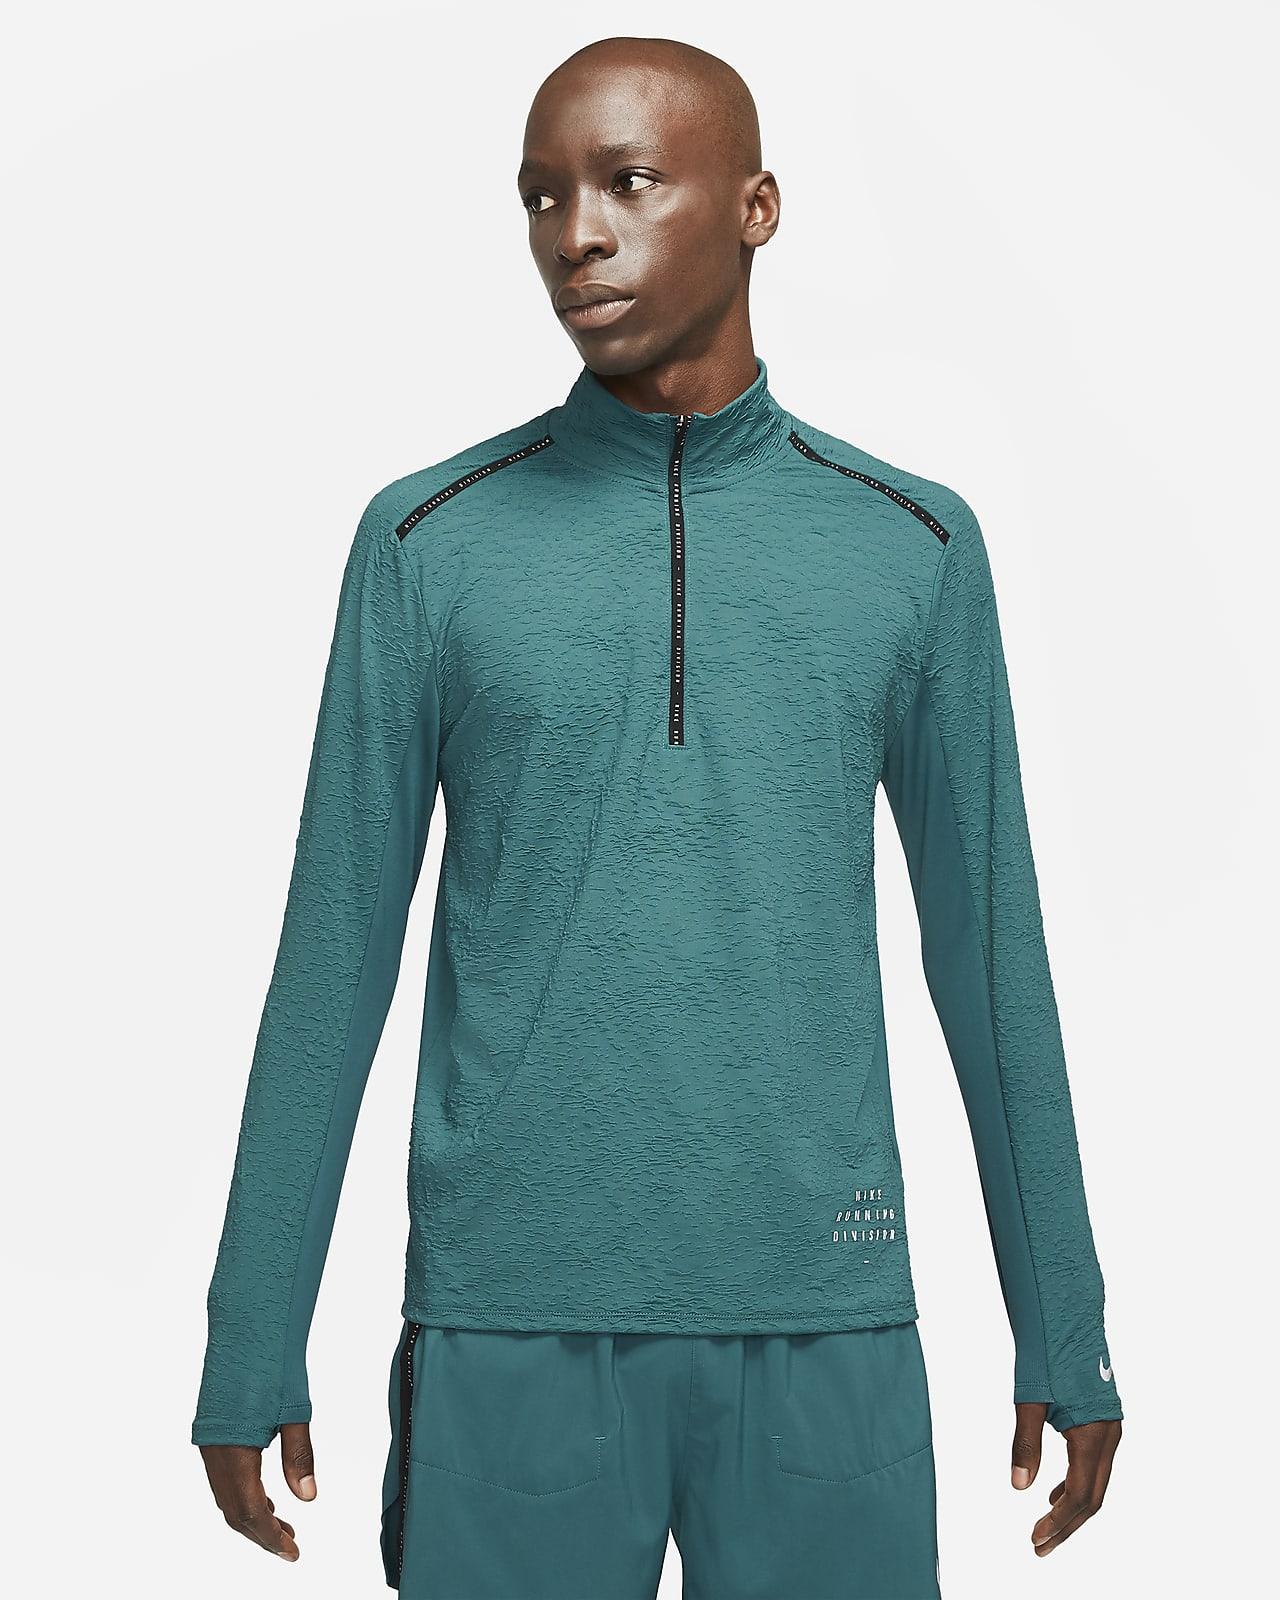 Camiseta de running para hombre Nike Dri-FIT Element Run Division